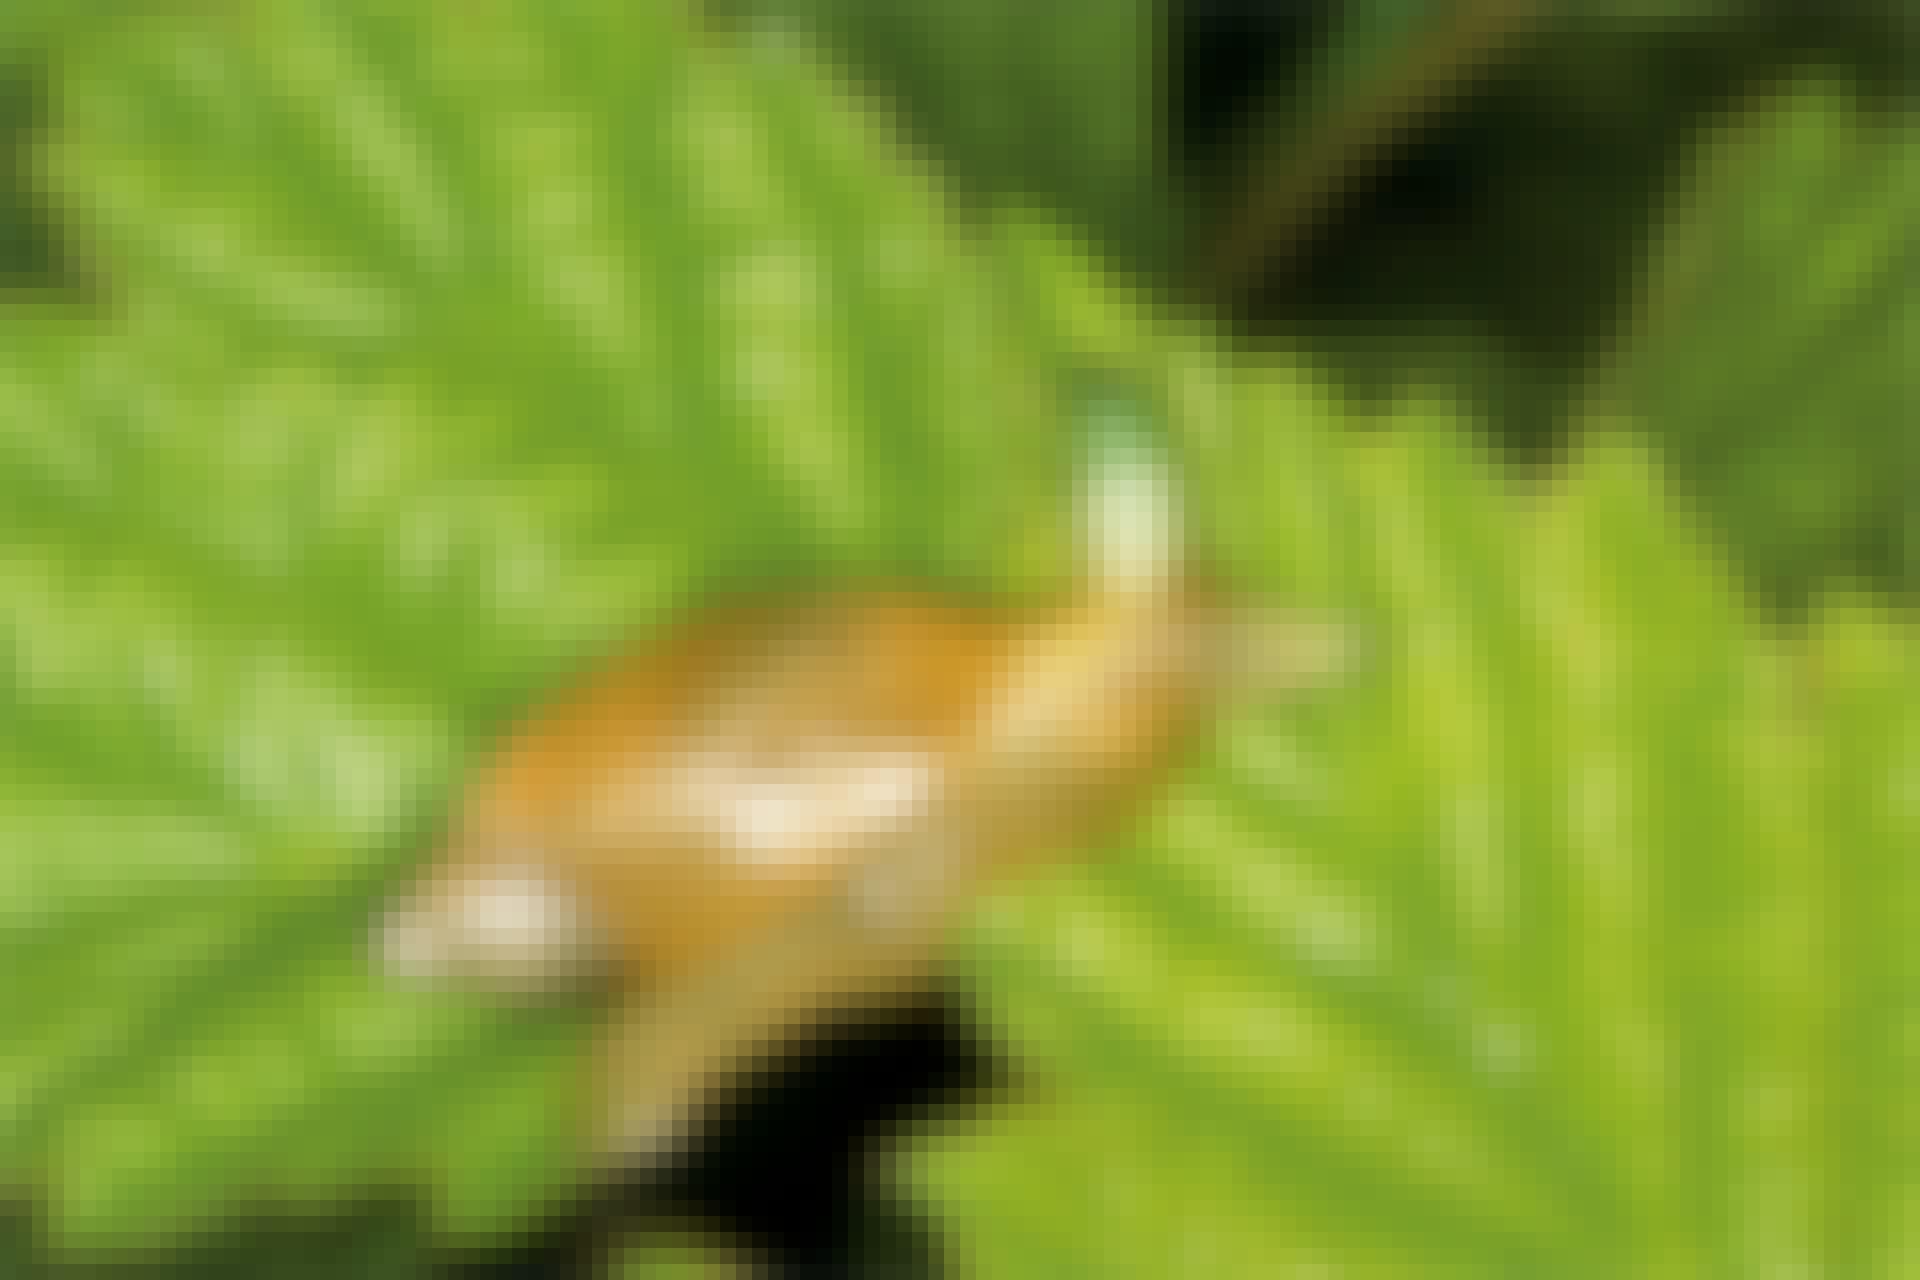 Snail parasite